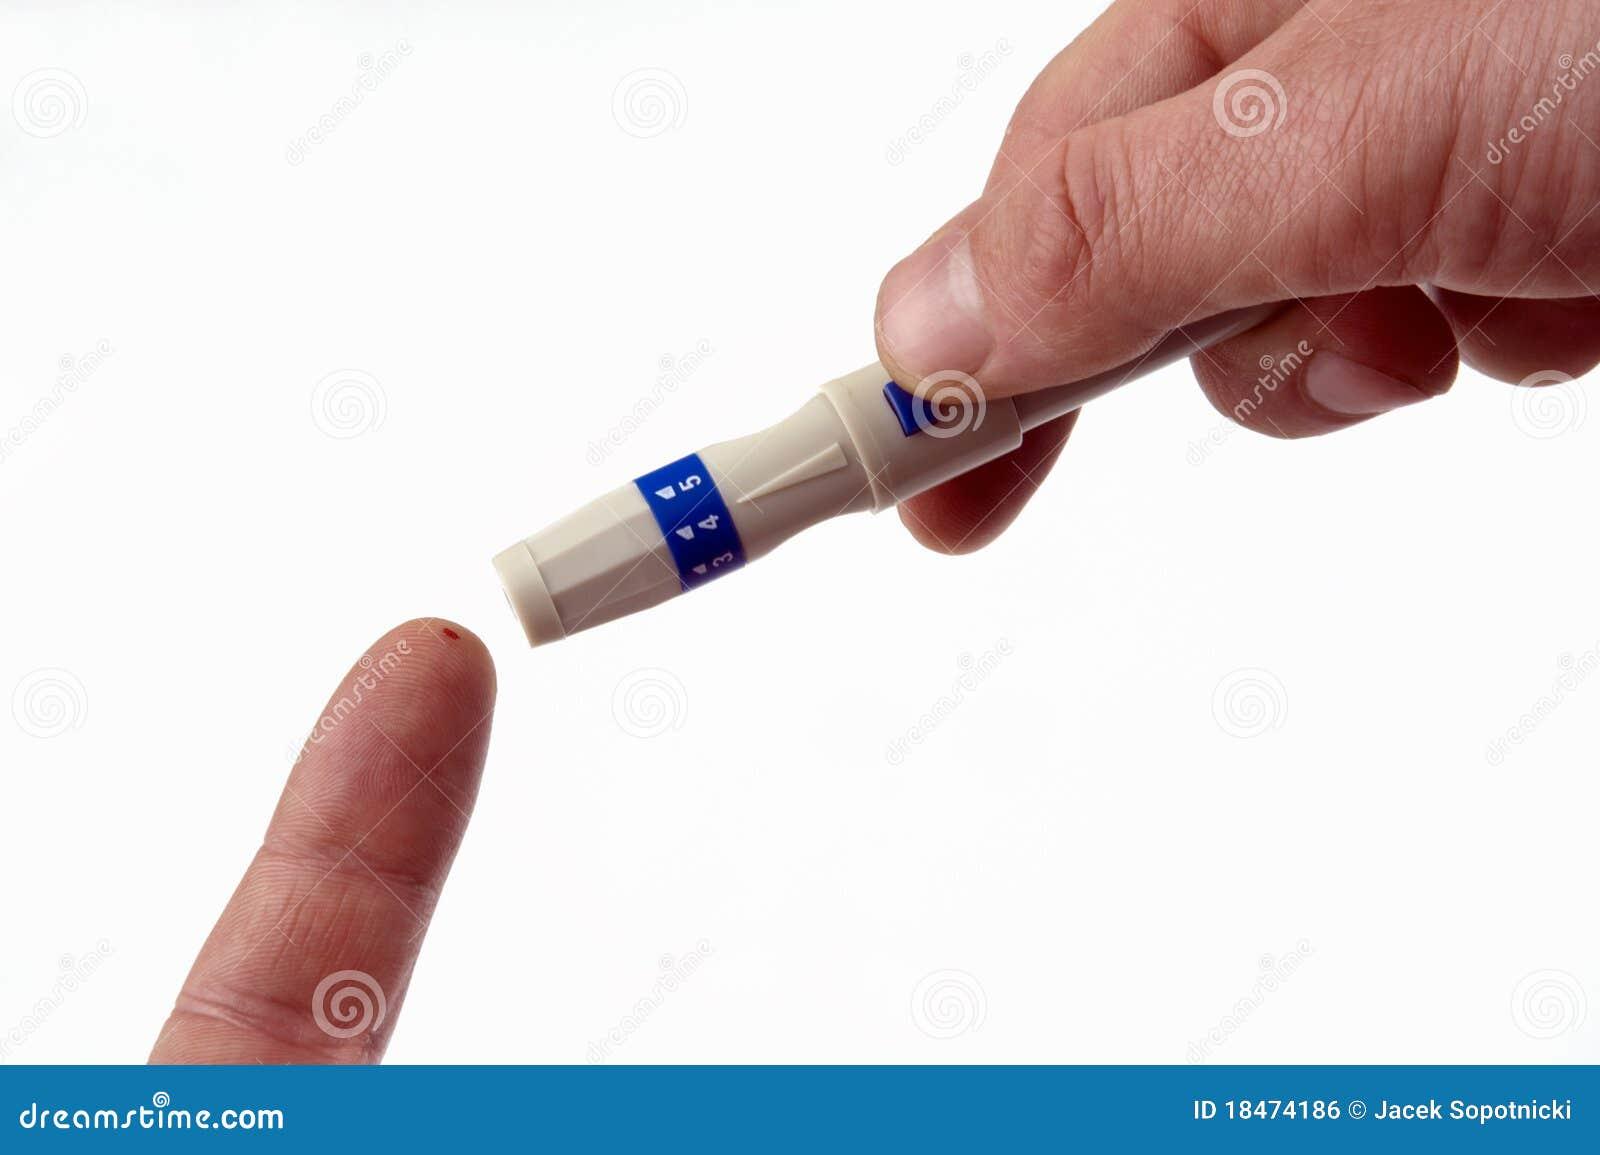 diabetes lancet